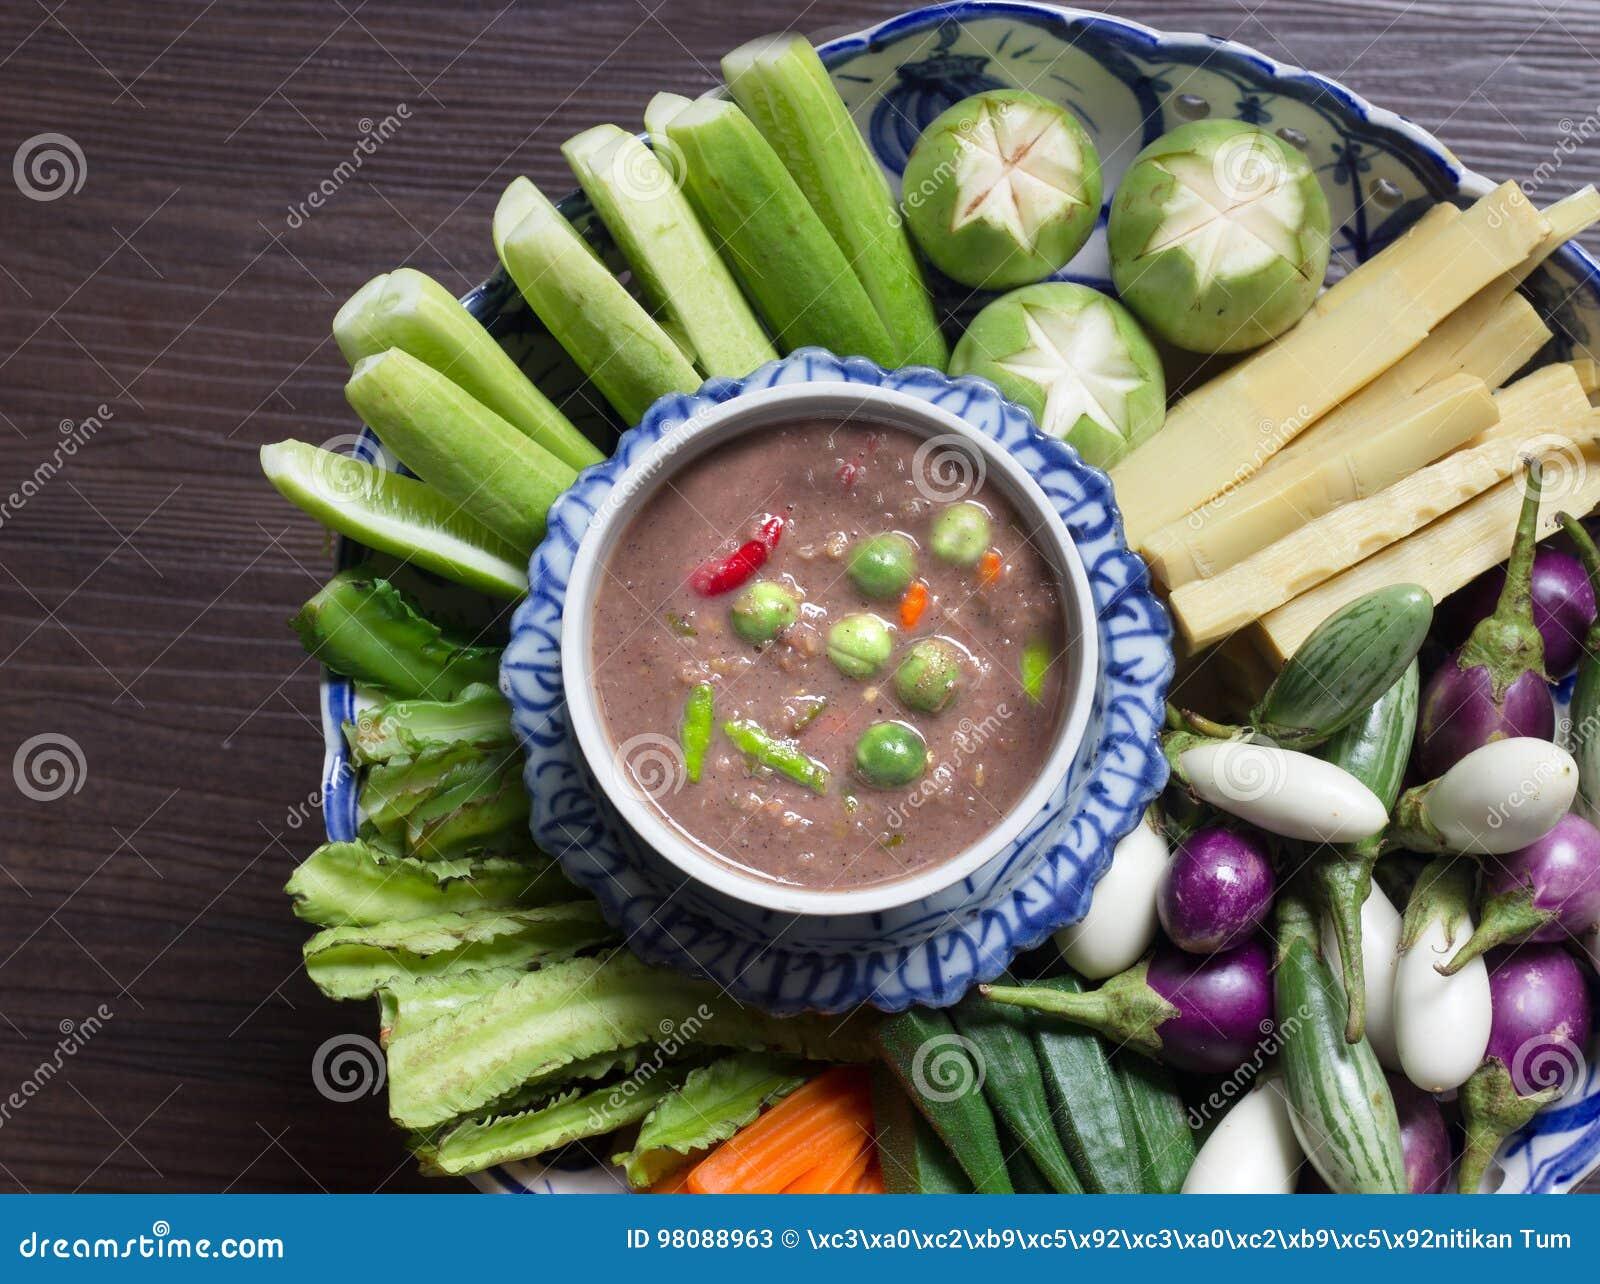 Thailändische Lebensmittel Paprikapaste Und -gemüse Stockbild